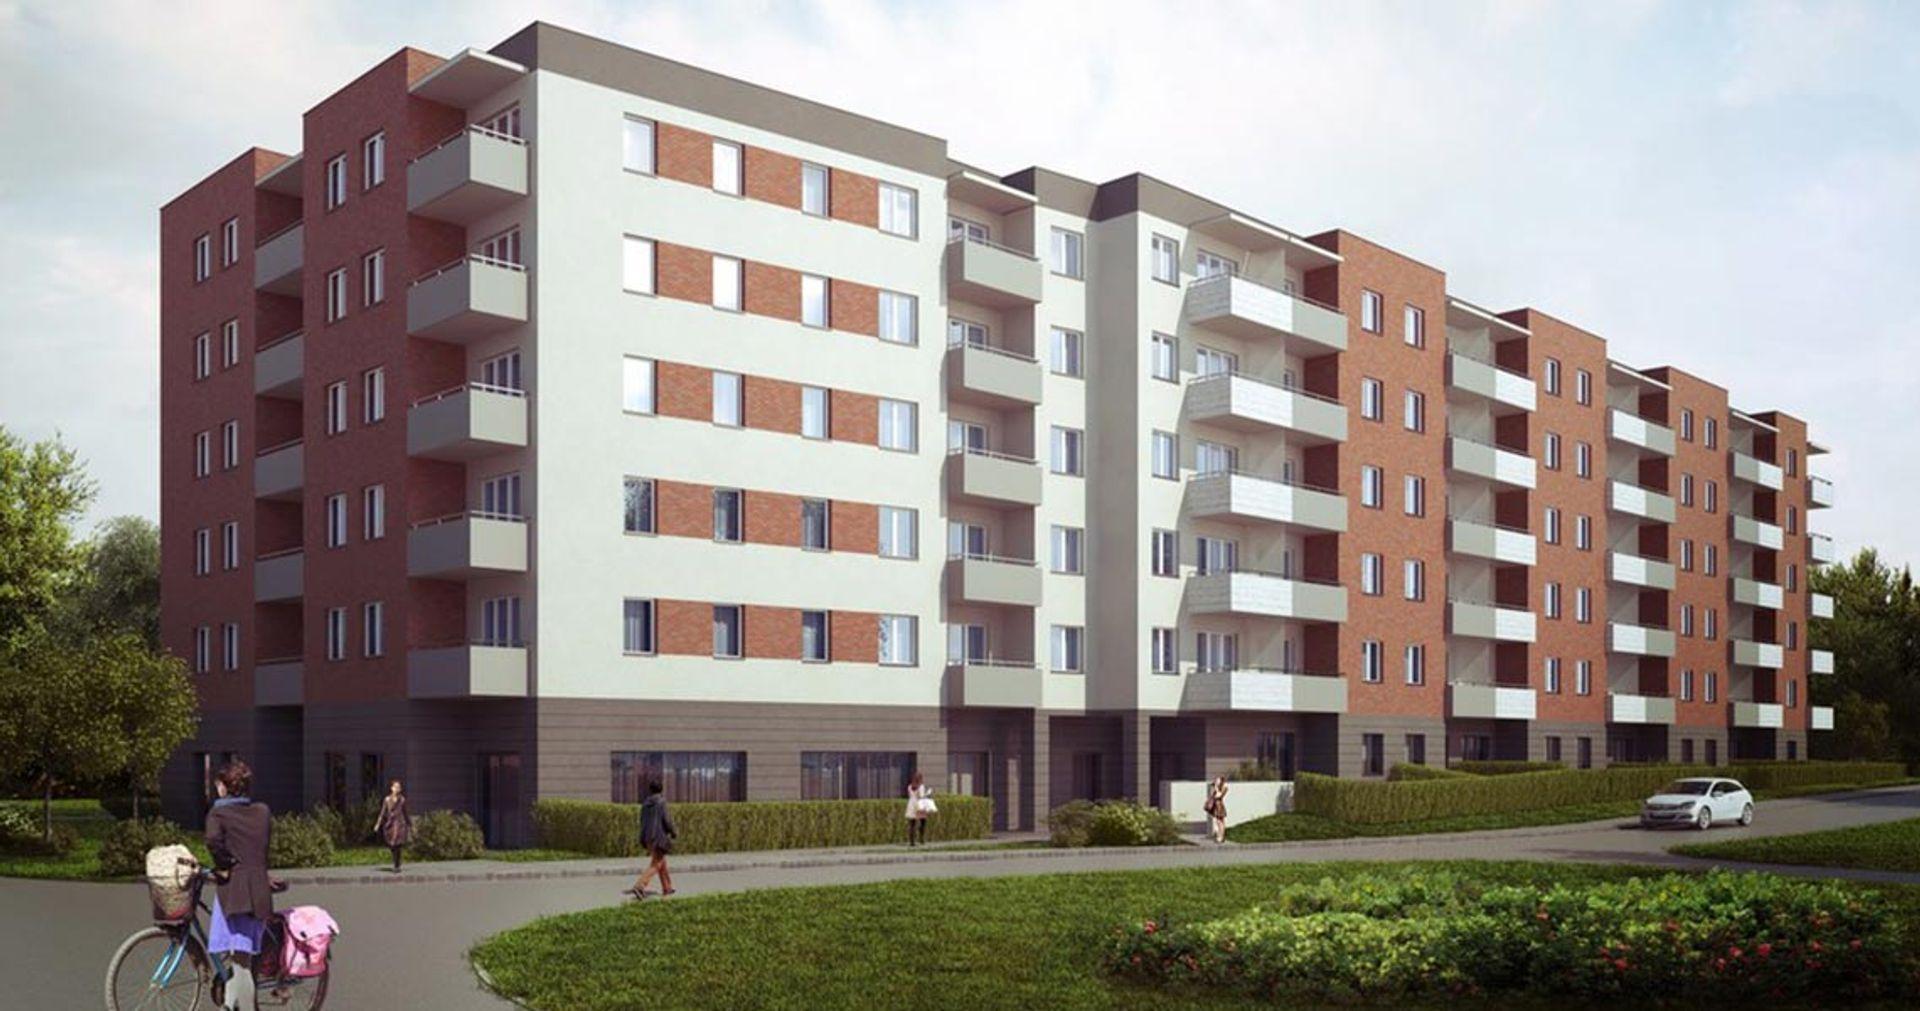 [Wrocław] Apartamenty Słubicka. Murapol wybuduje ponad 100 mieszkań na Szczepinie